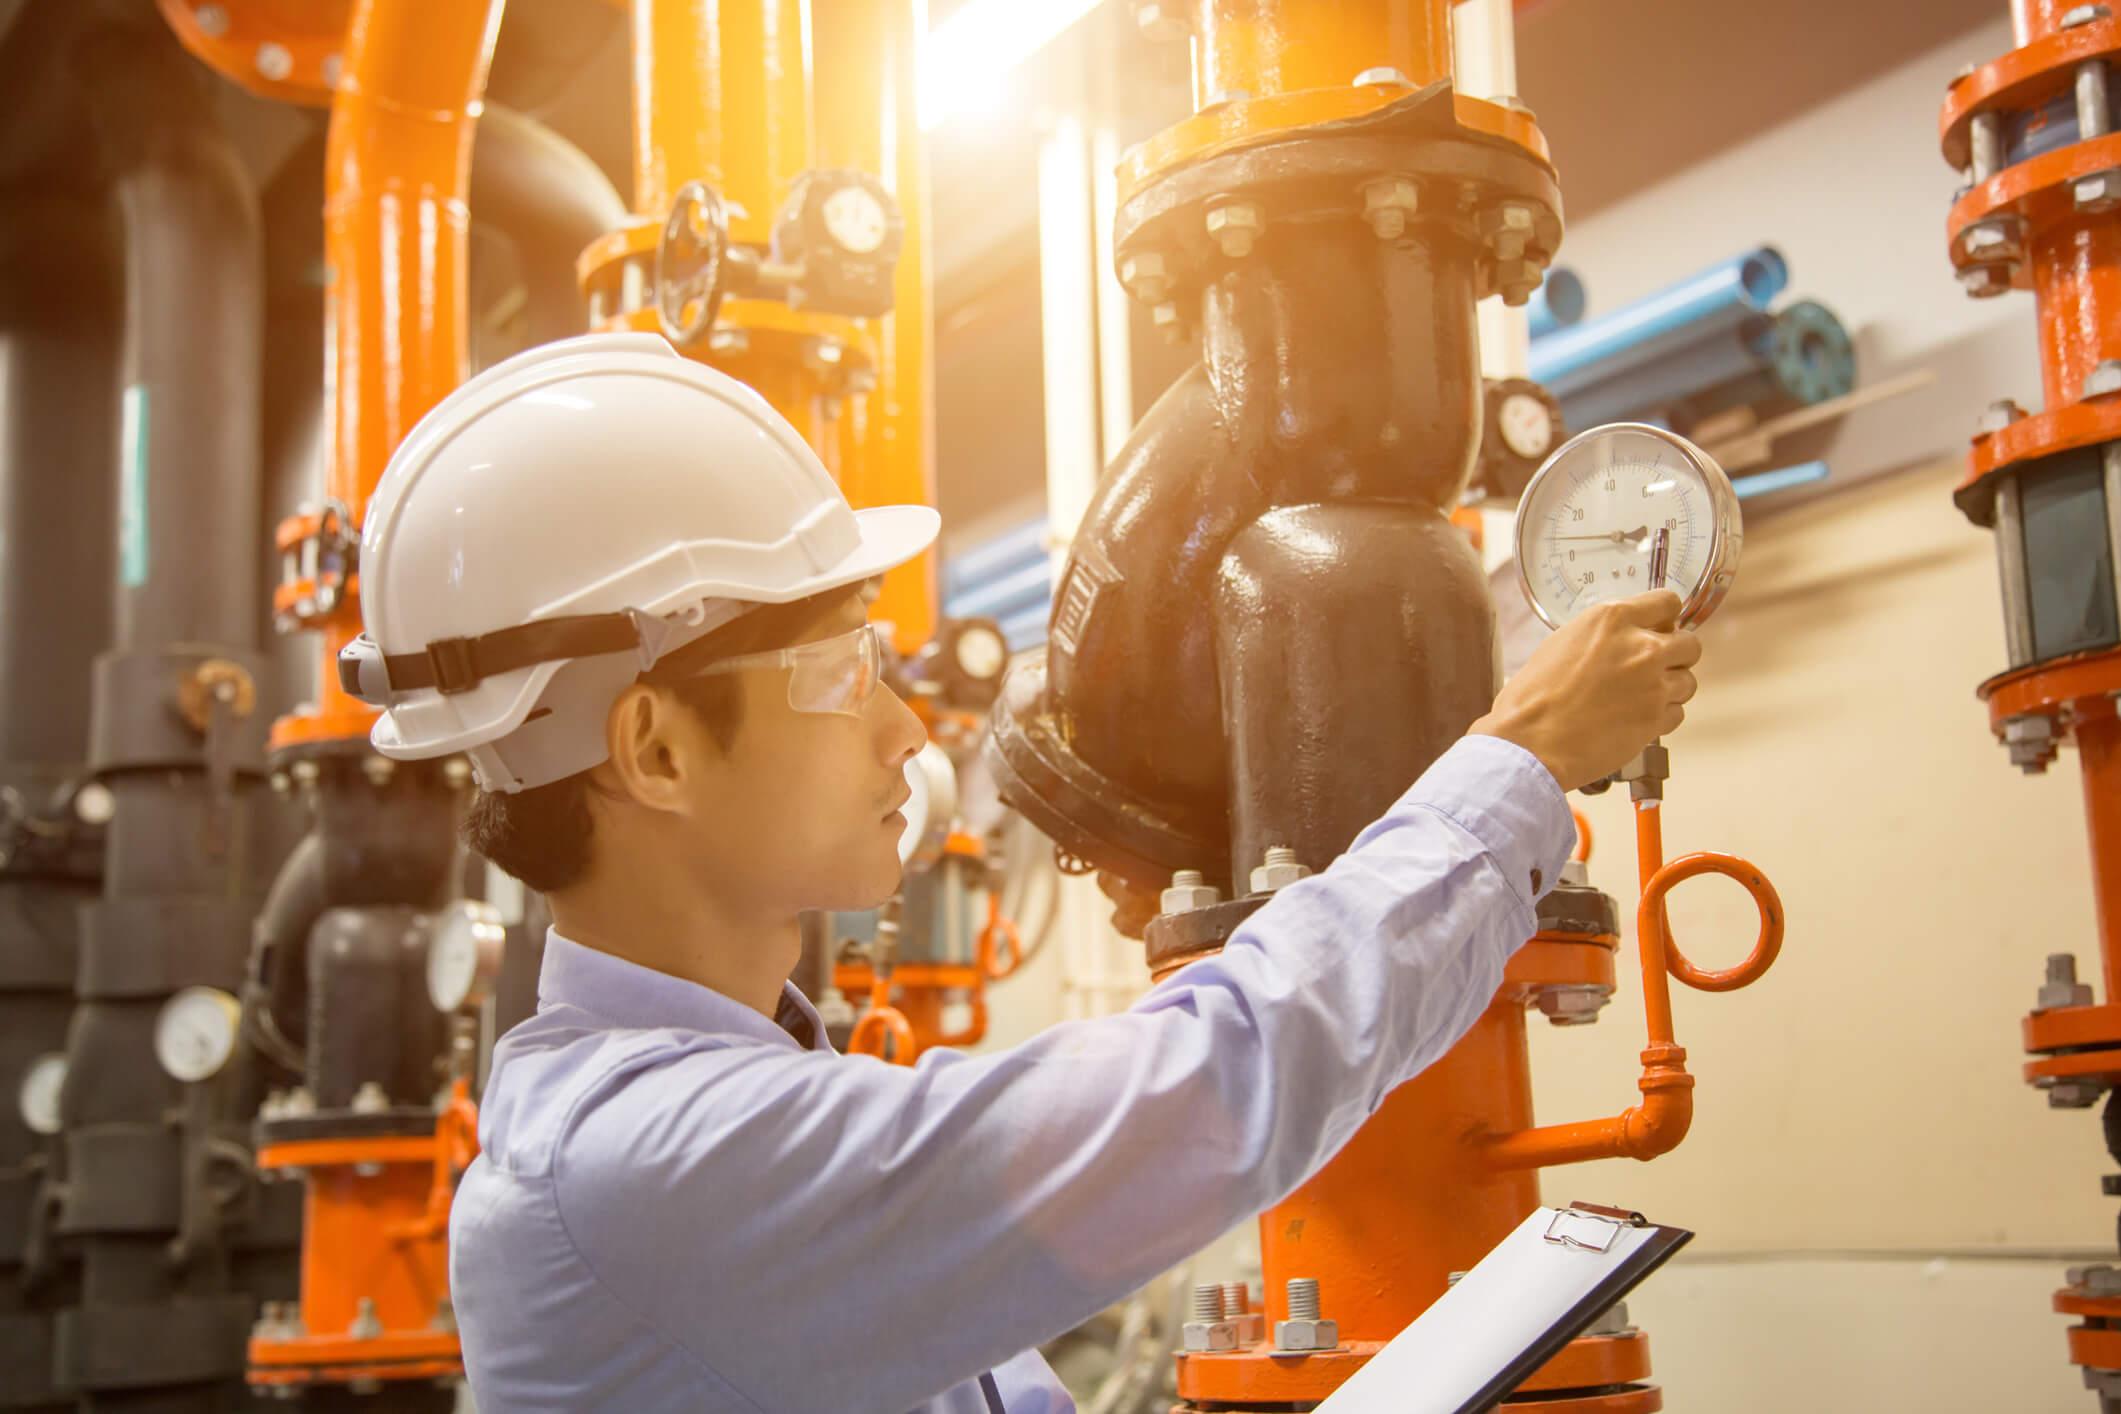 【ベトナム語ネイティブ】トップシェア製品・機械サービスエンジニア